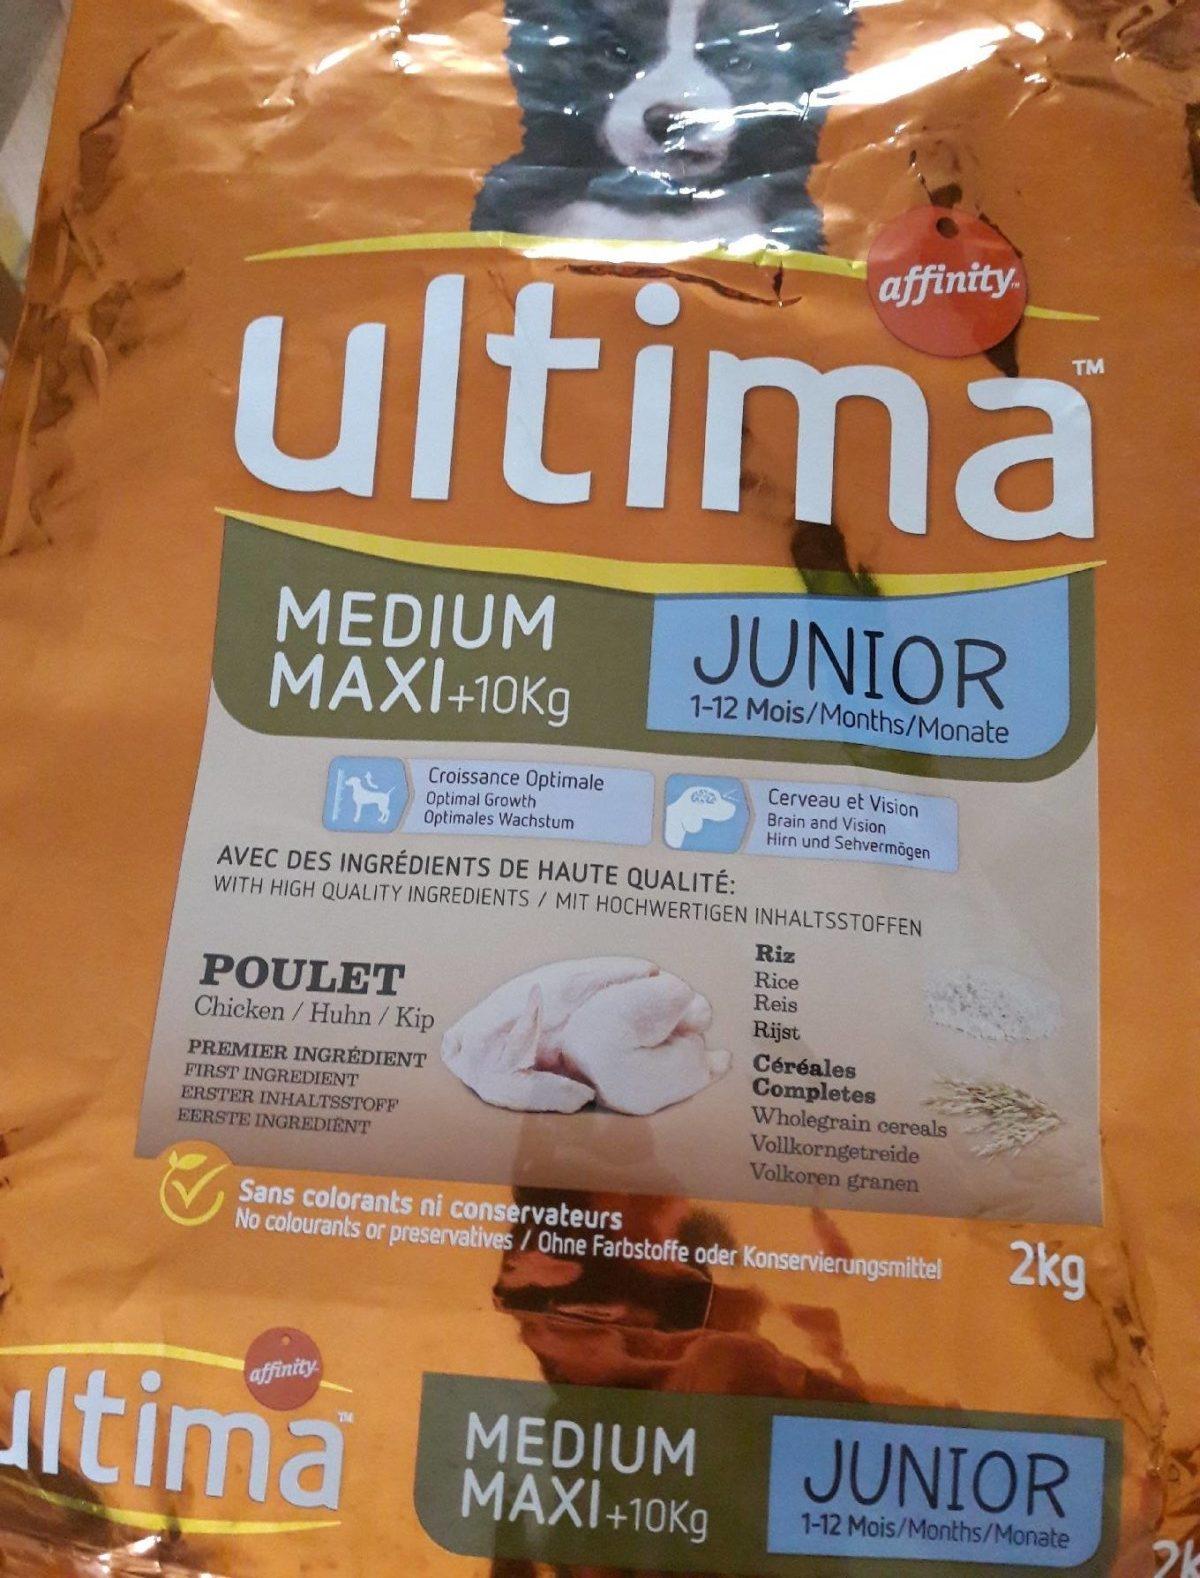 Ultima affinité medium maxi junior - Product